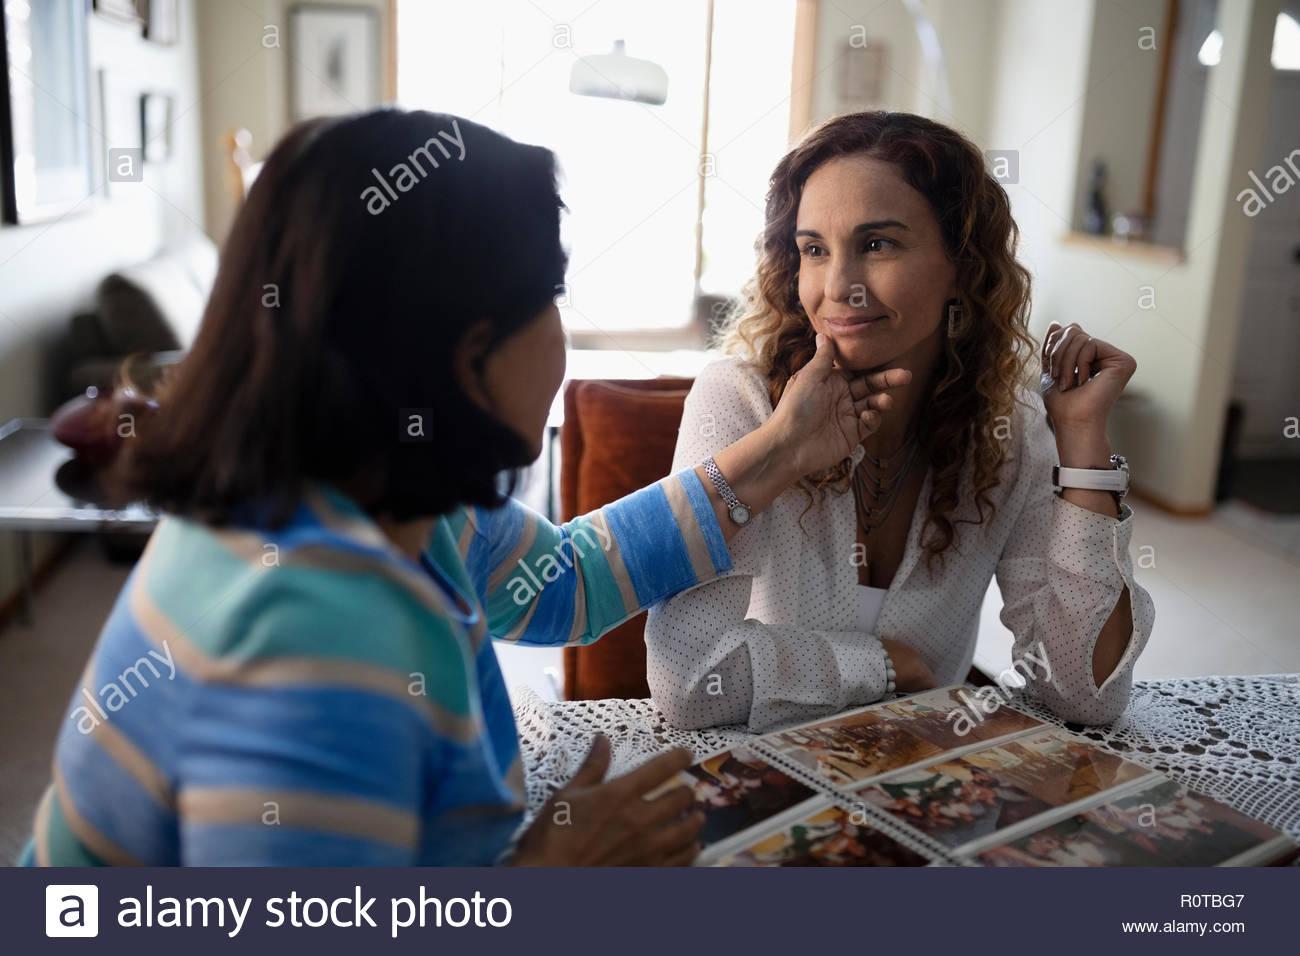 Afectuoso Latinx hija y madre senior mirando el álbum de fotos Imagen De Stock